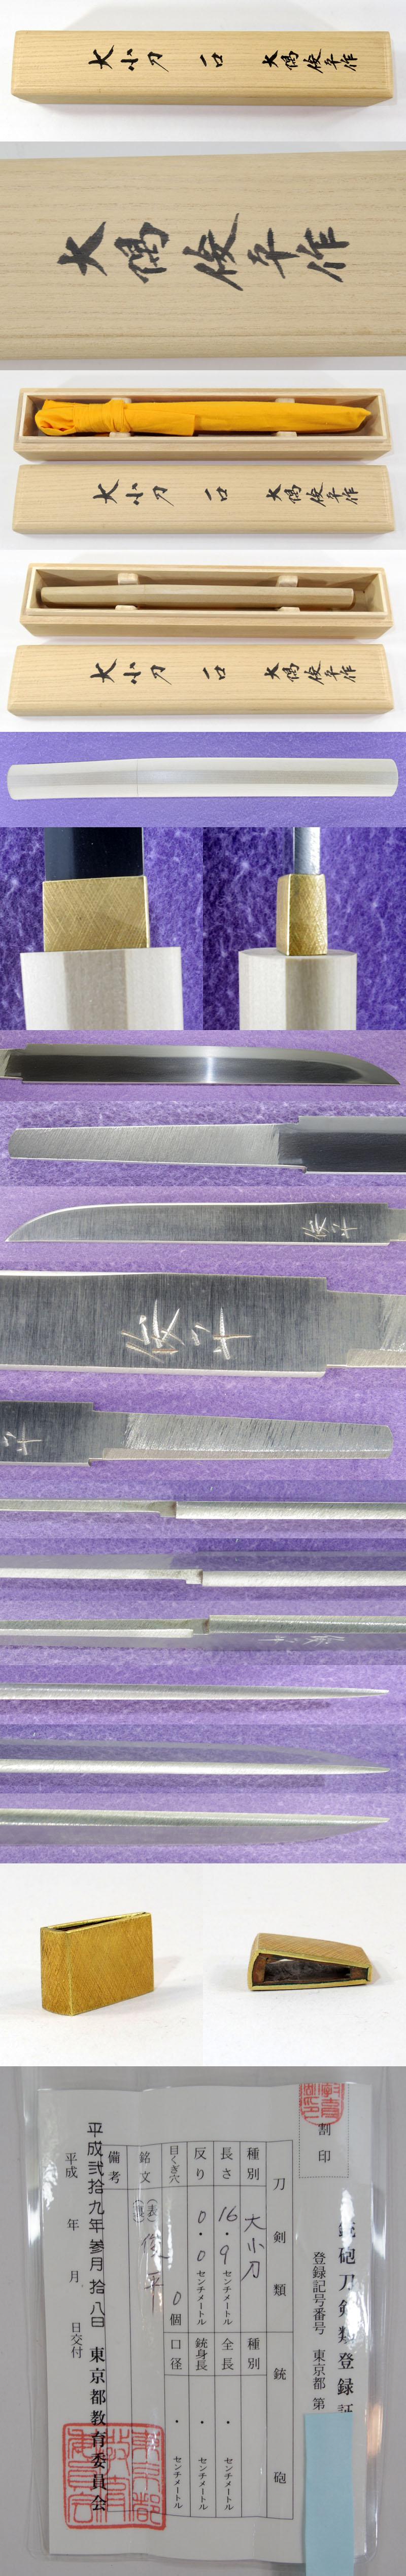 俊平(大隅俊平) Picture of parts